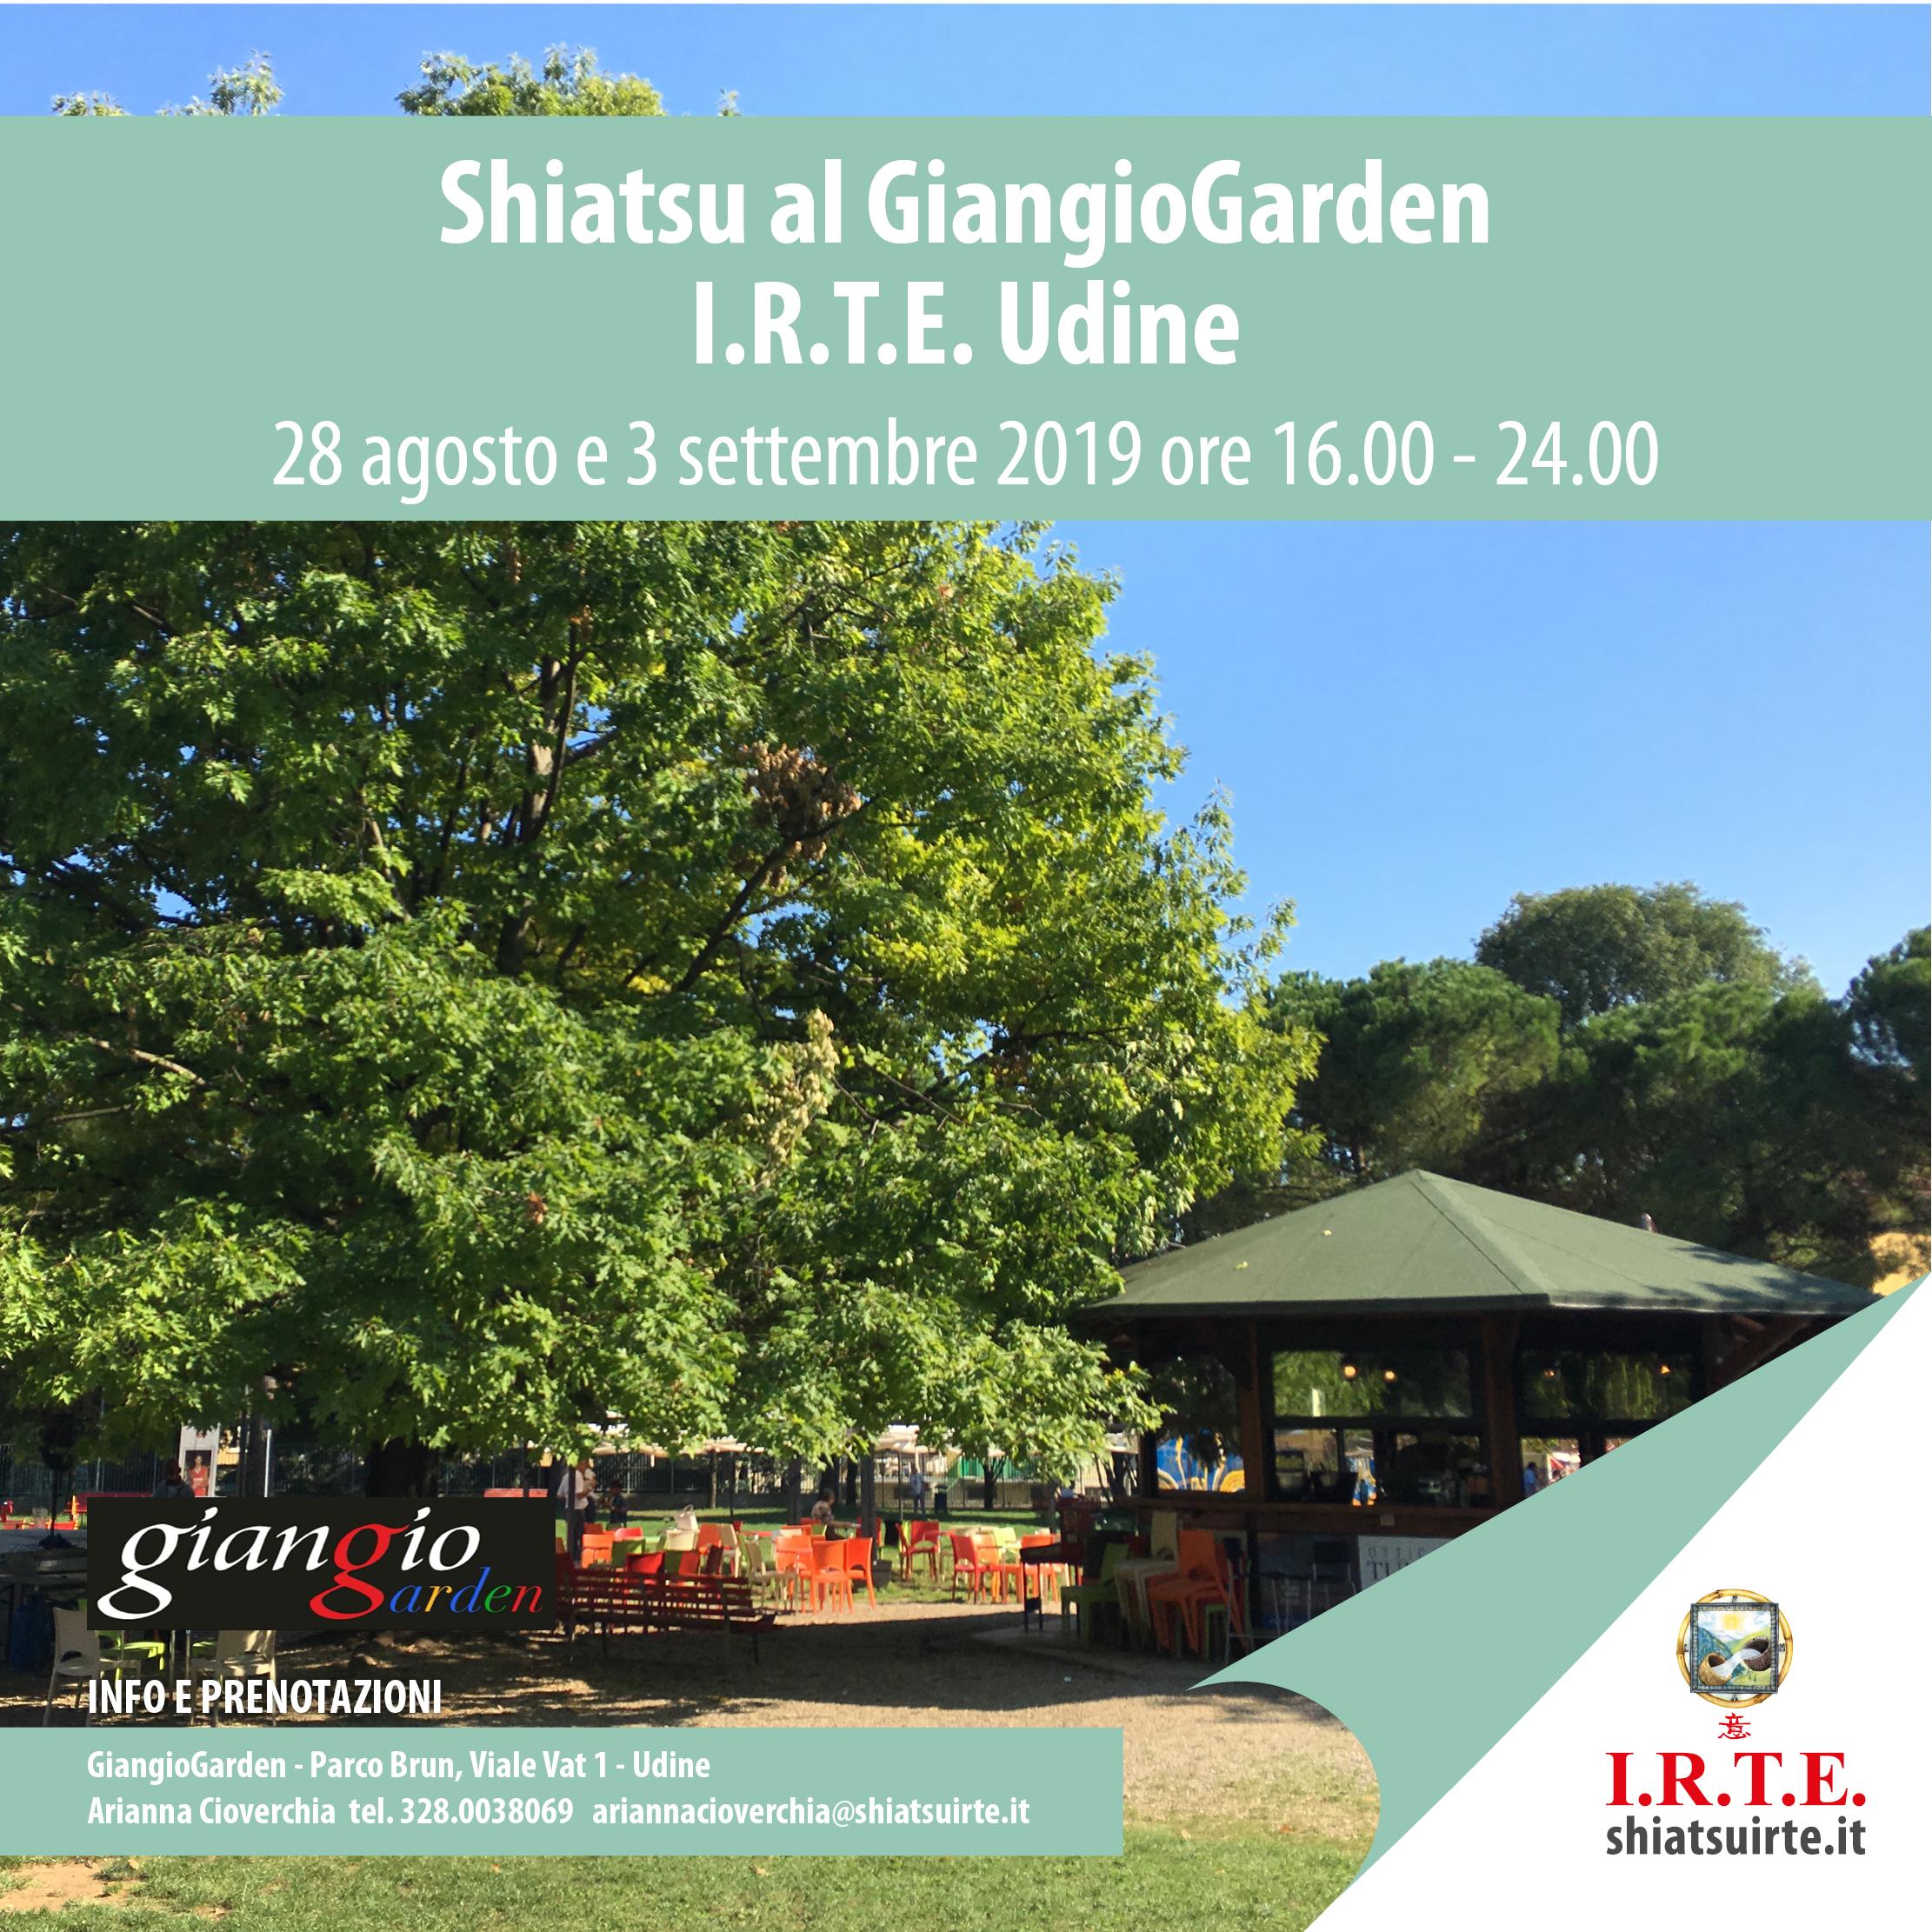 Estate Shiatsu 2019 a Udine: gli appuntamenti per conoscere I.R.T.E.